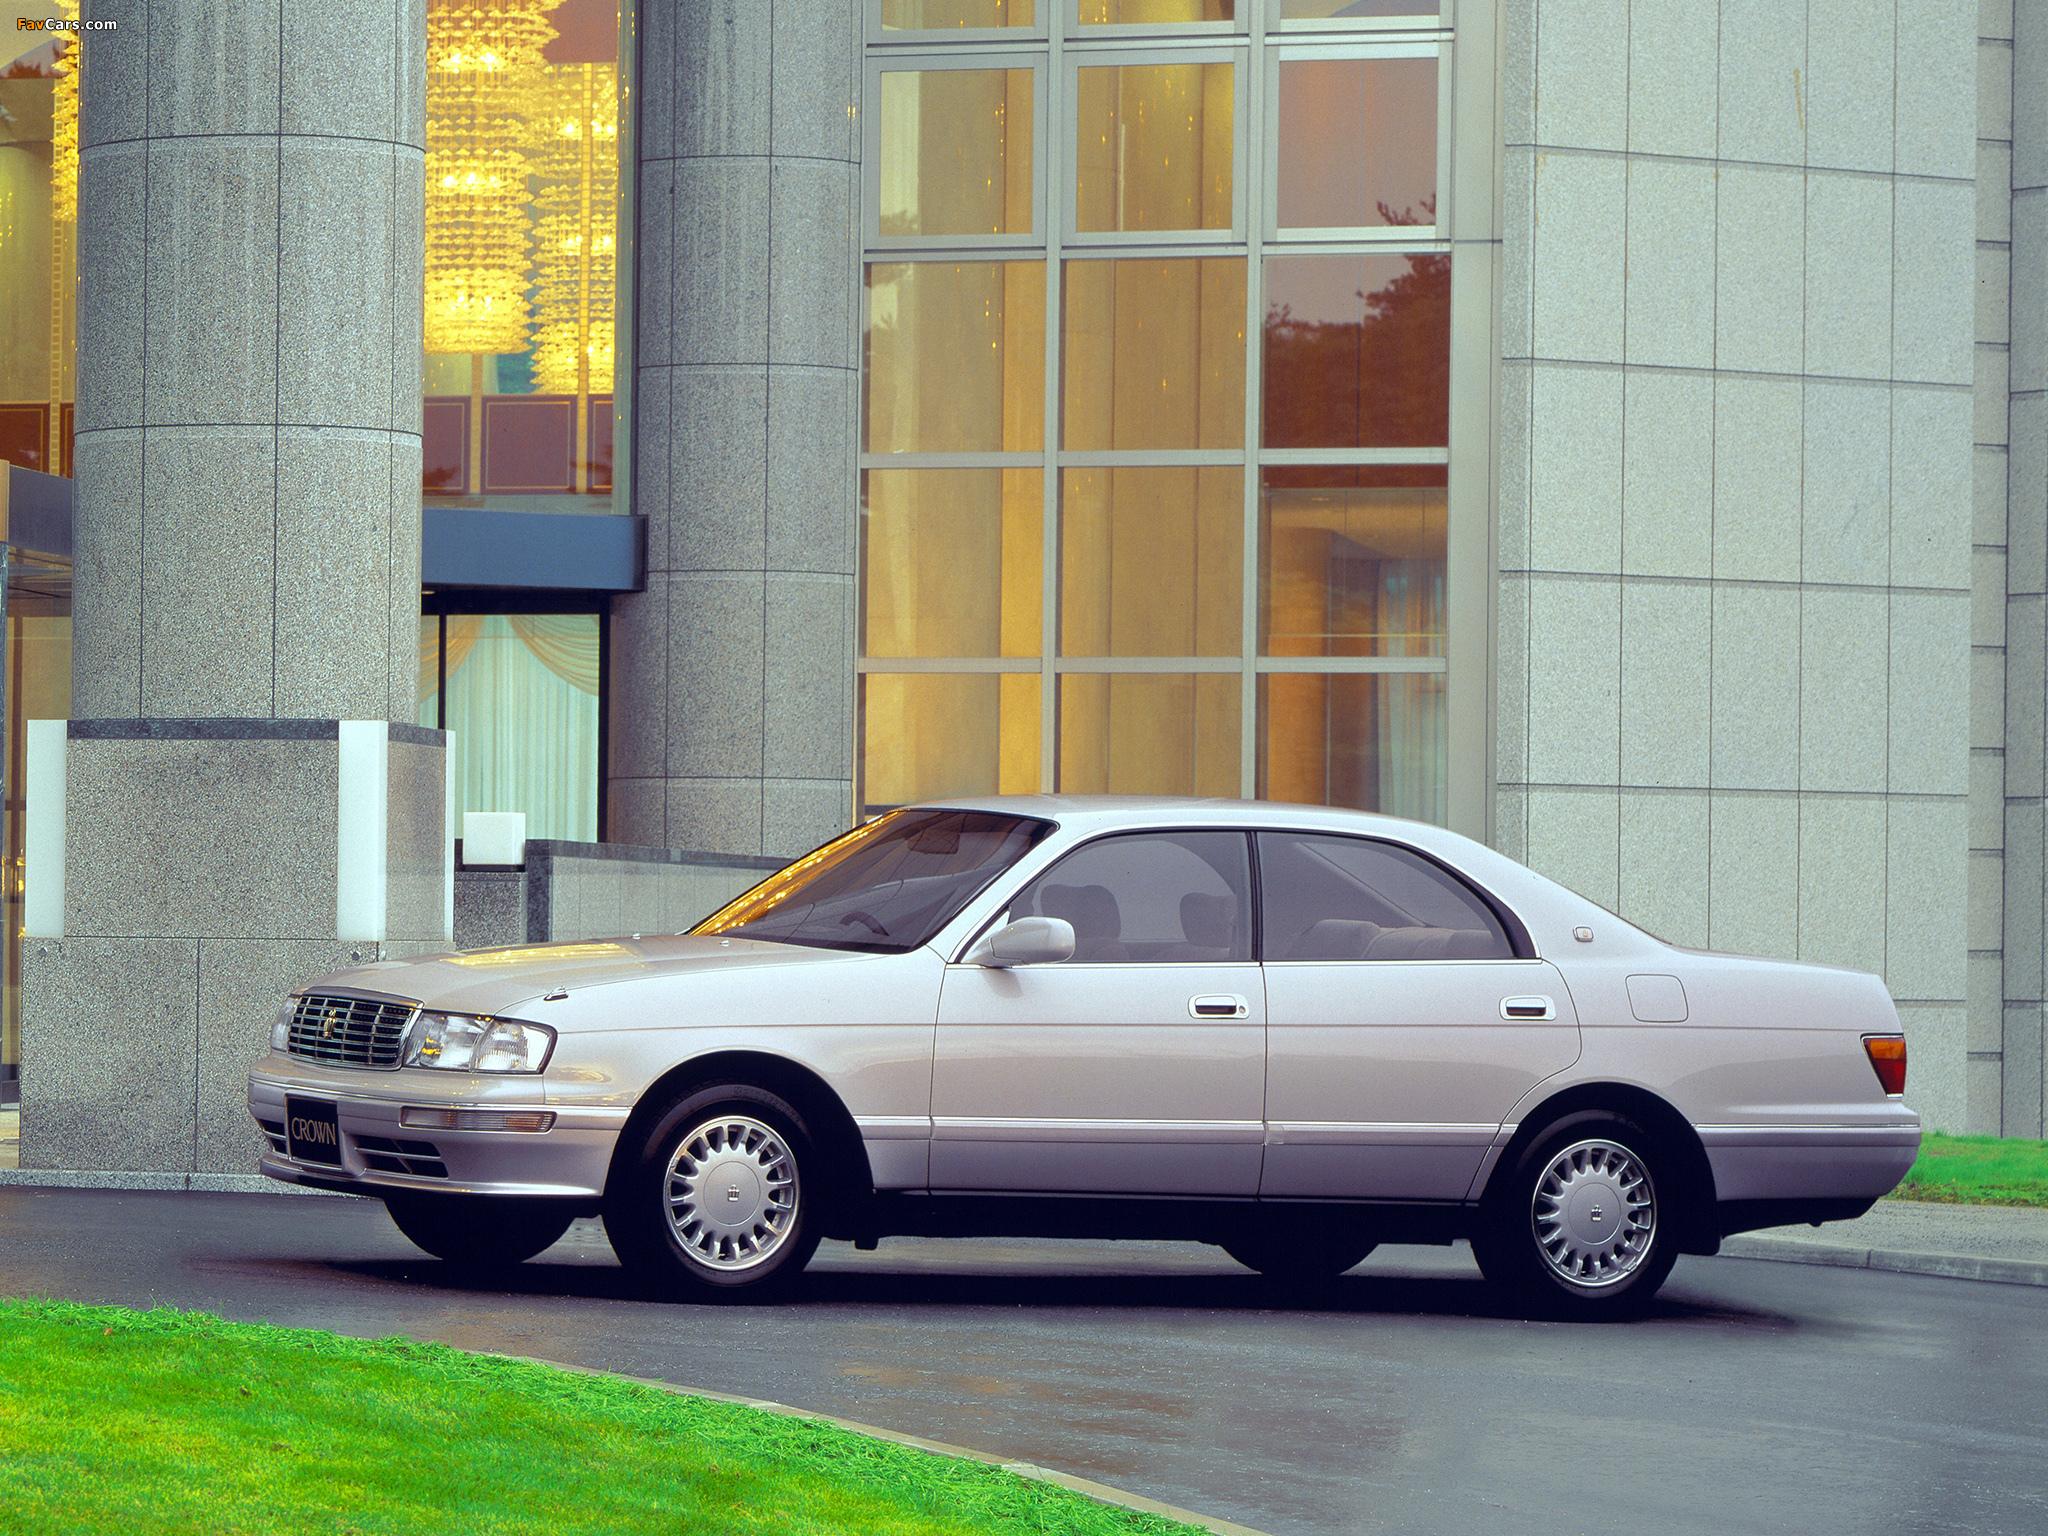 Toyota RAV4 - carsguru.net